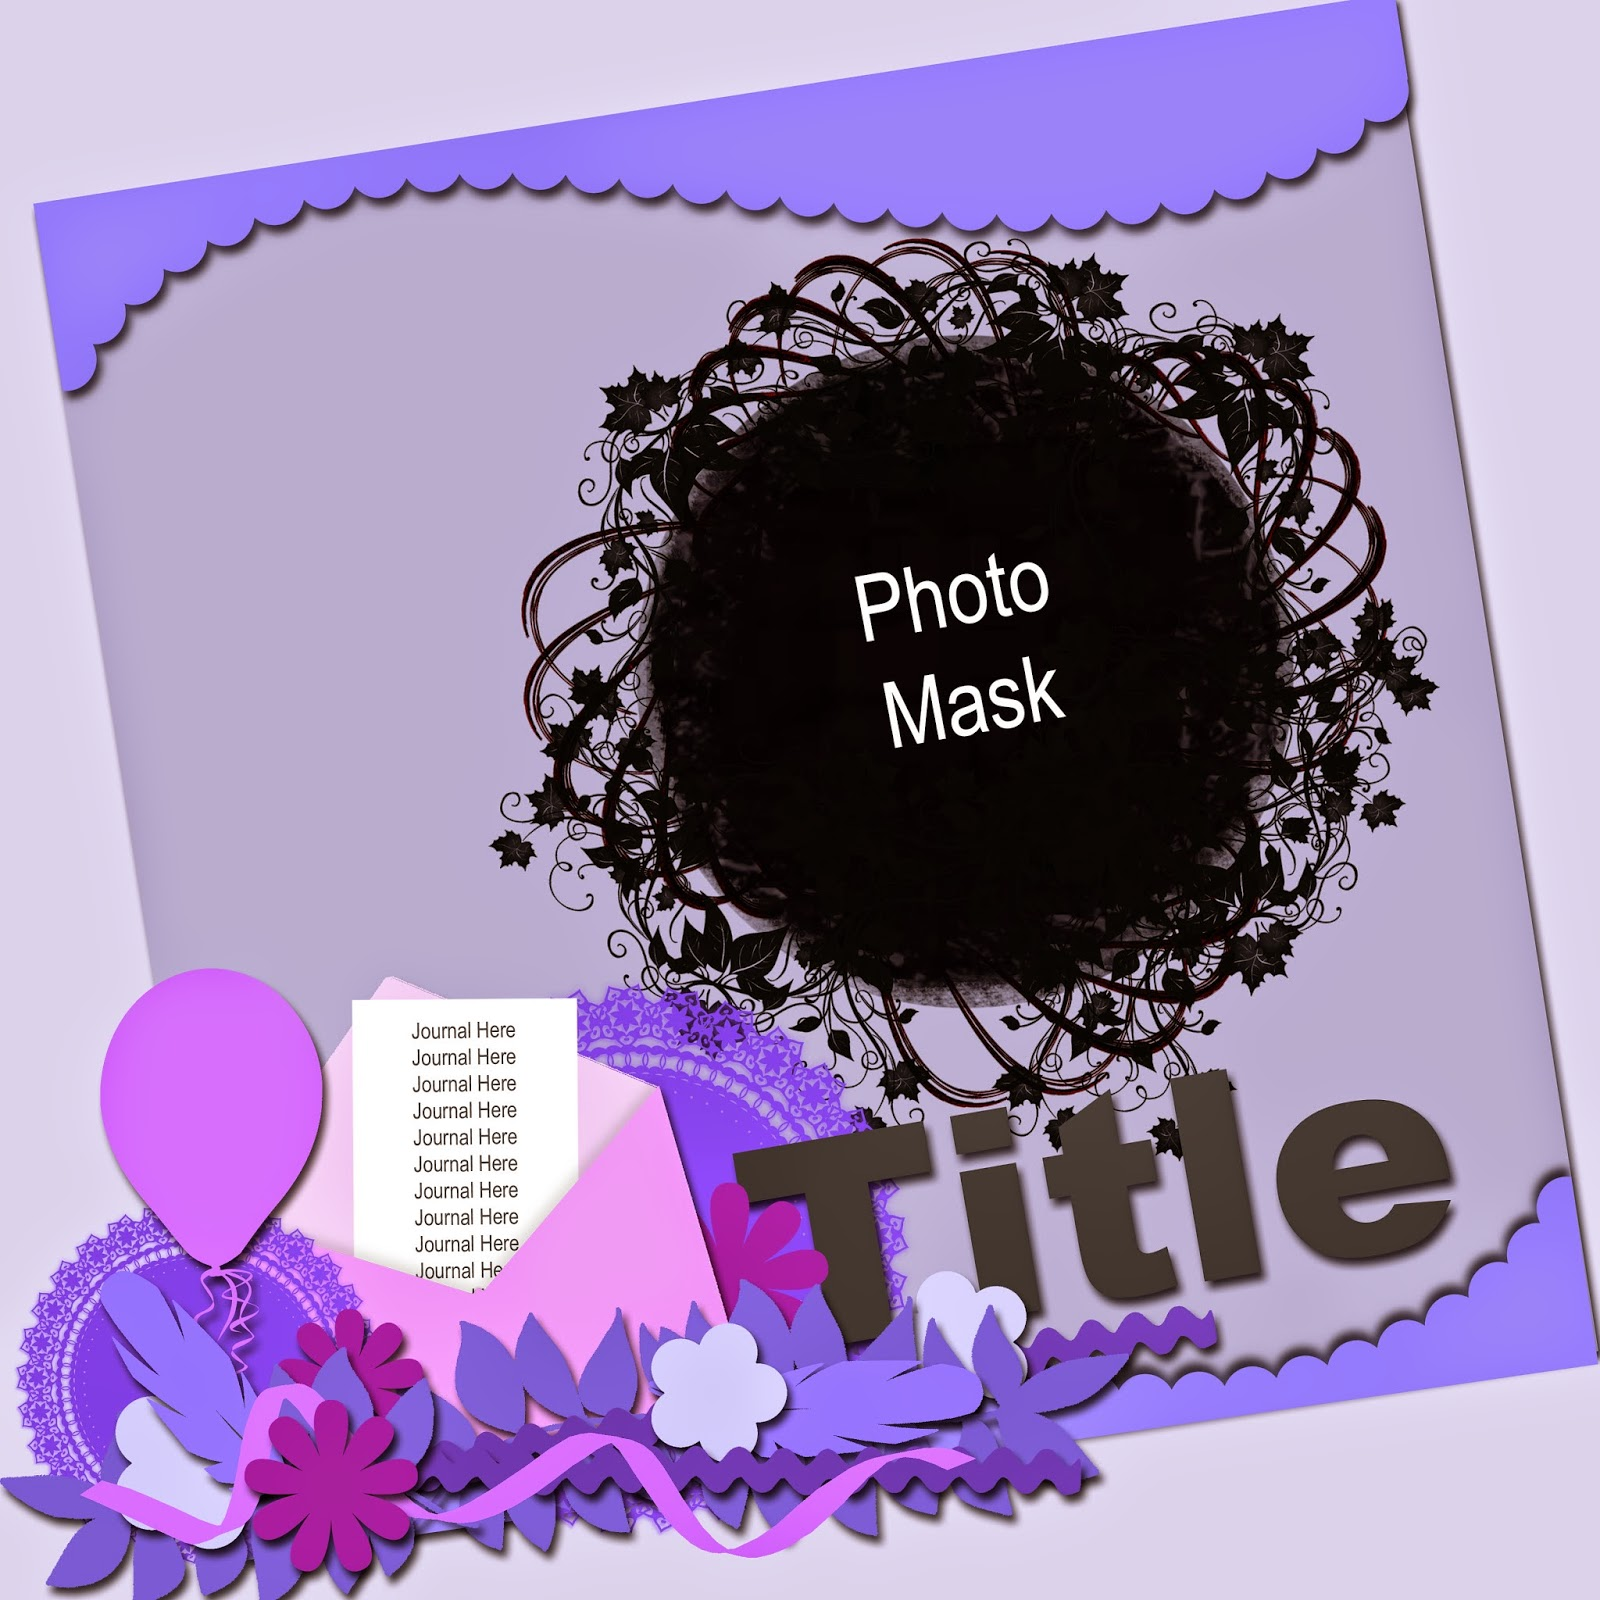 http://3.bp.blogspot.com/-0rzbx5mtiys/U-fPeS7l8pI/AAAAAAAAAt0/dg97B078nFM/s1600/OklahomaDawn_08_10_14_02_edited-1.jpg